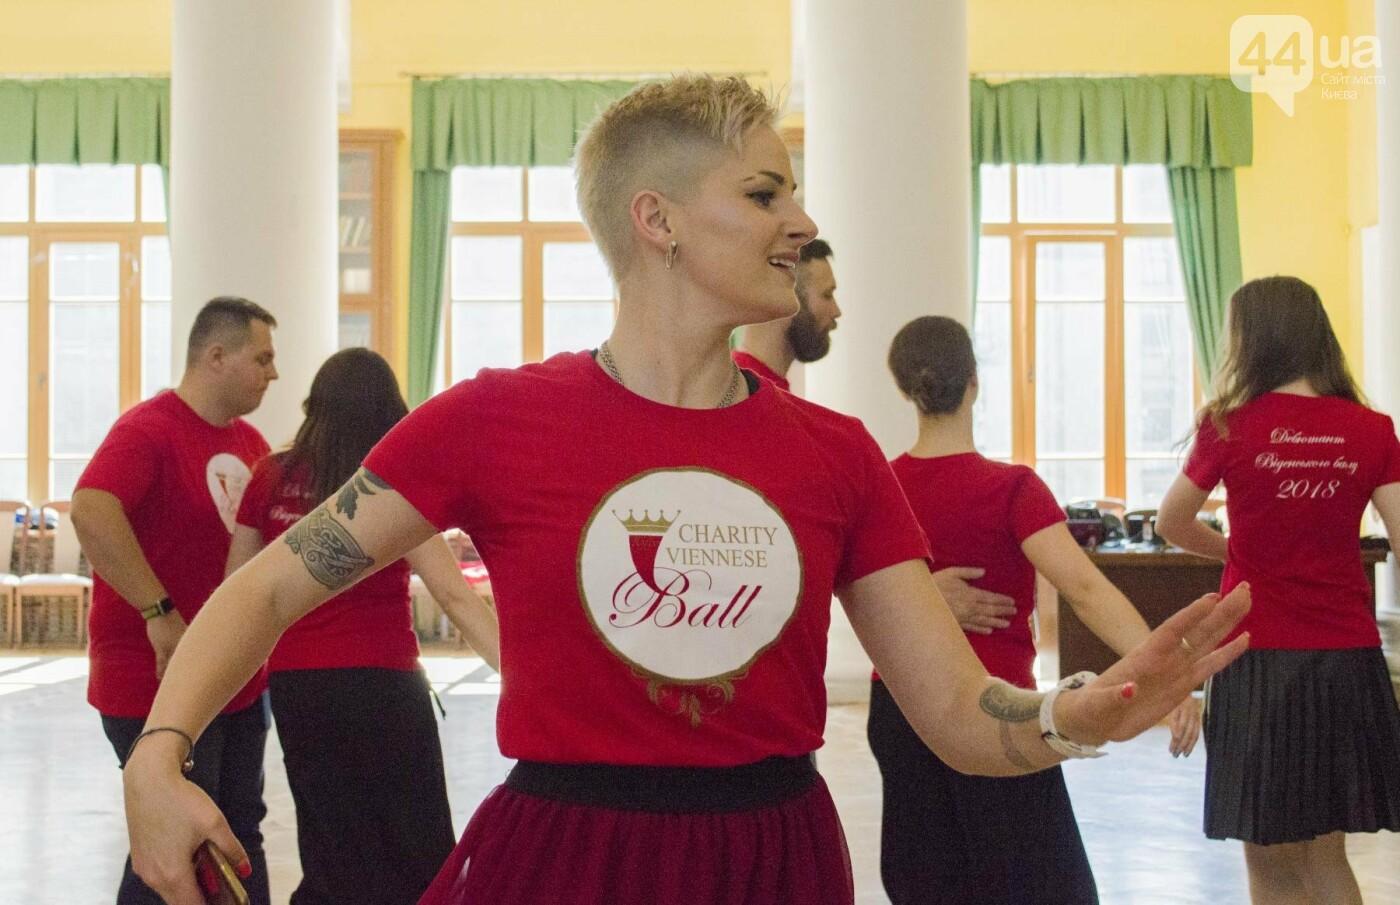 В Киеве прошла репетиция масштабного Венского бала, фото-7